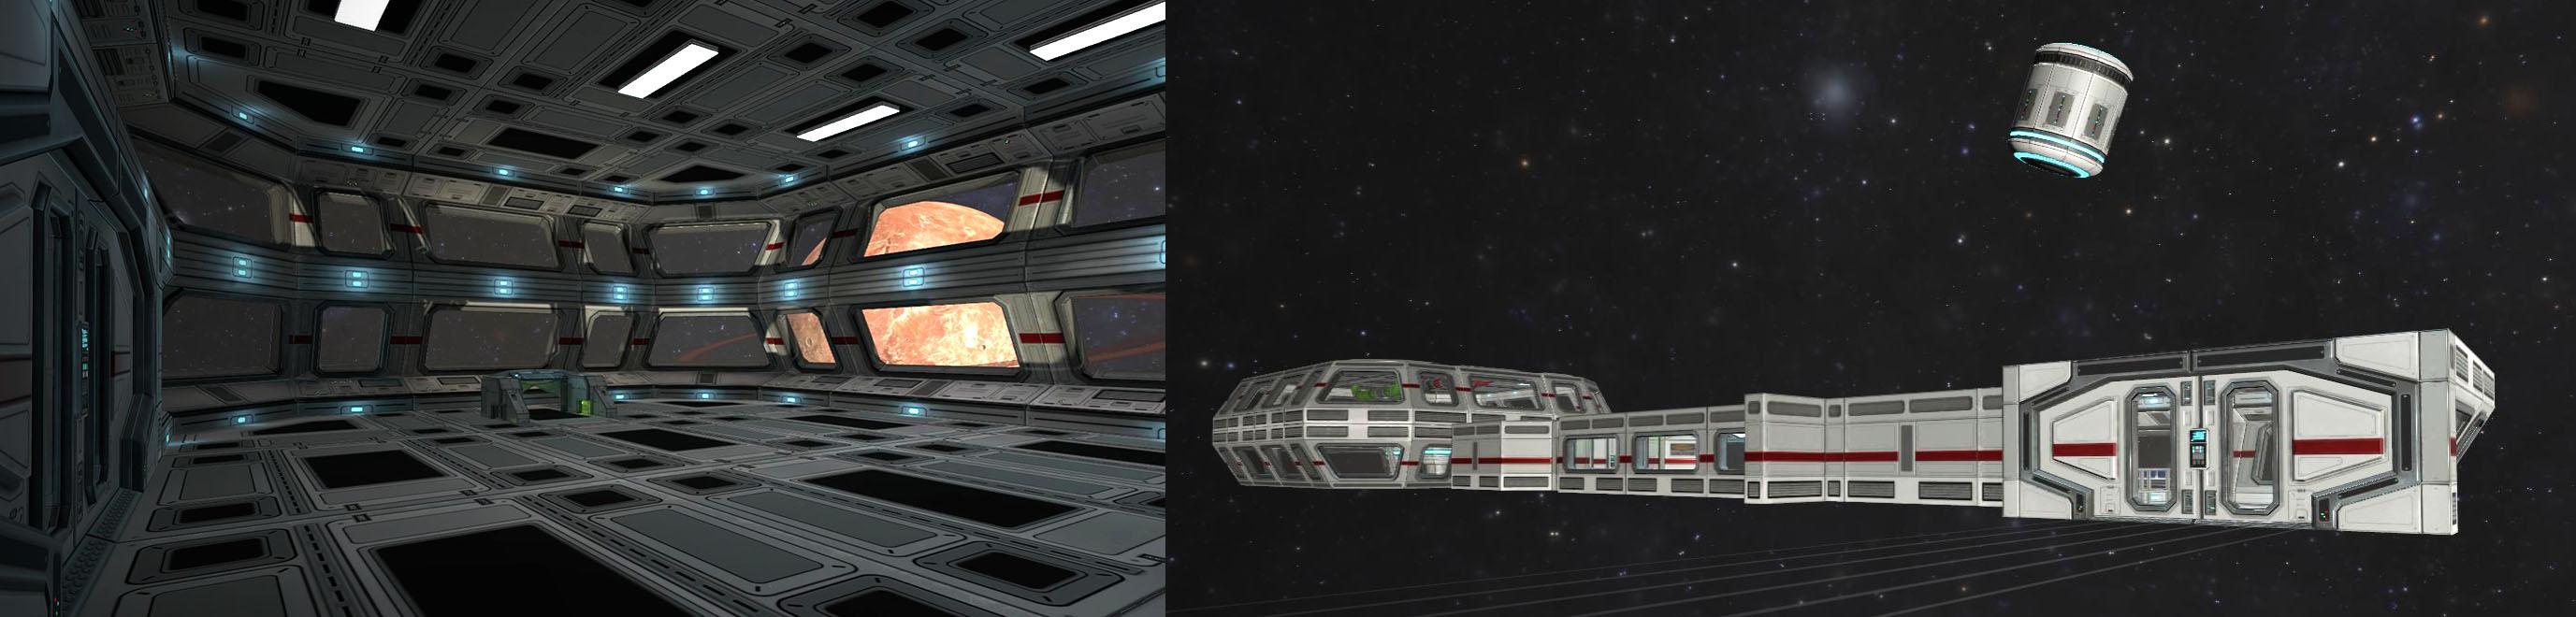 tecmotion - Neues Corporate Game mit VR-Brille; SpaceBoard - Spielausschnitt 2